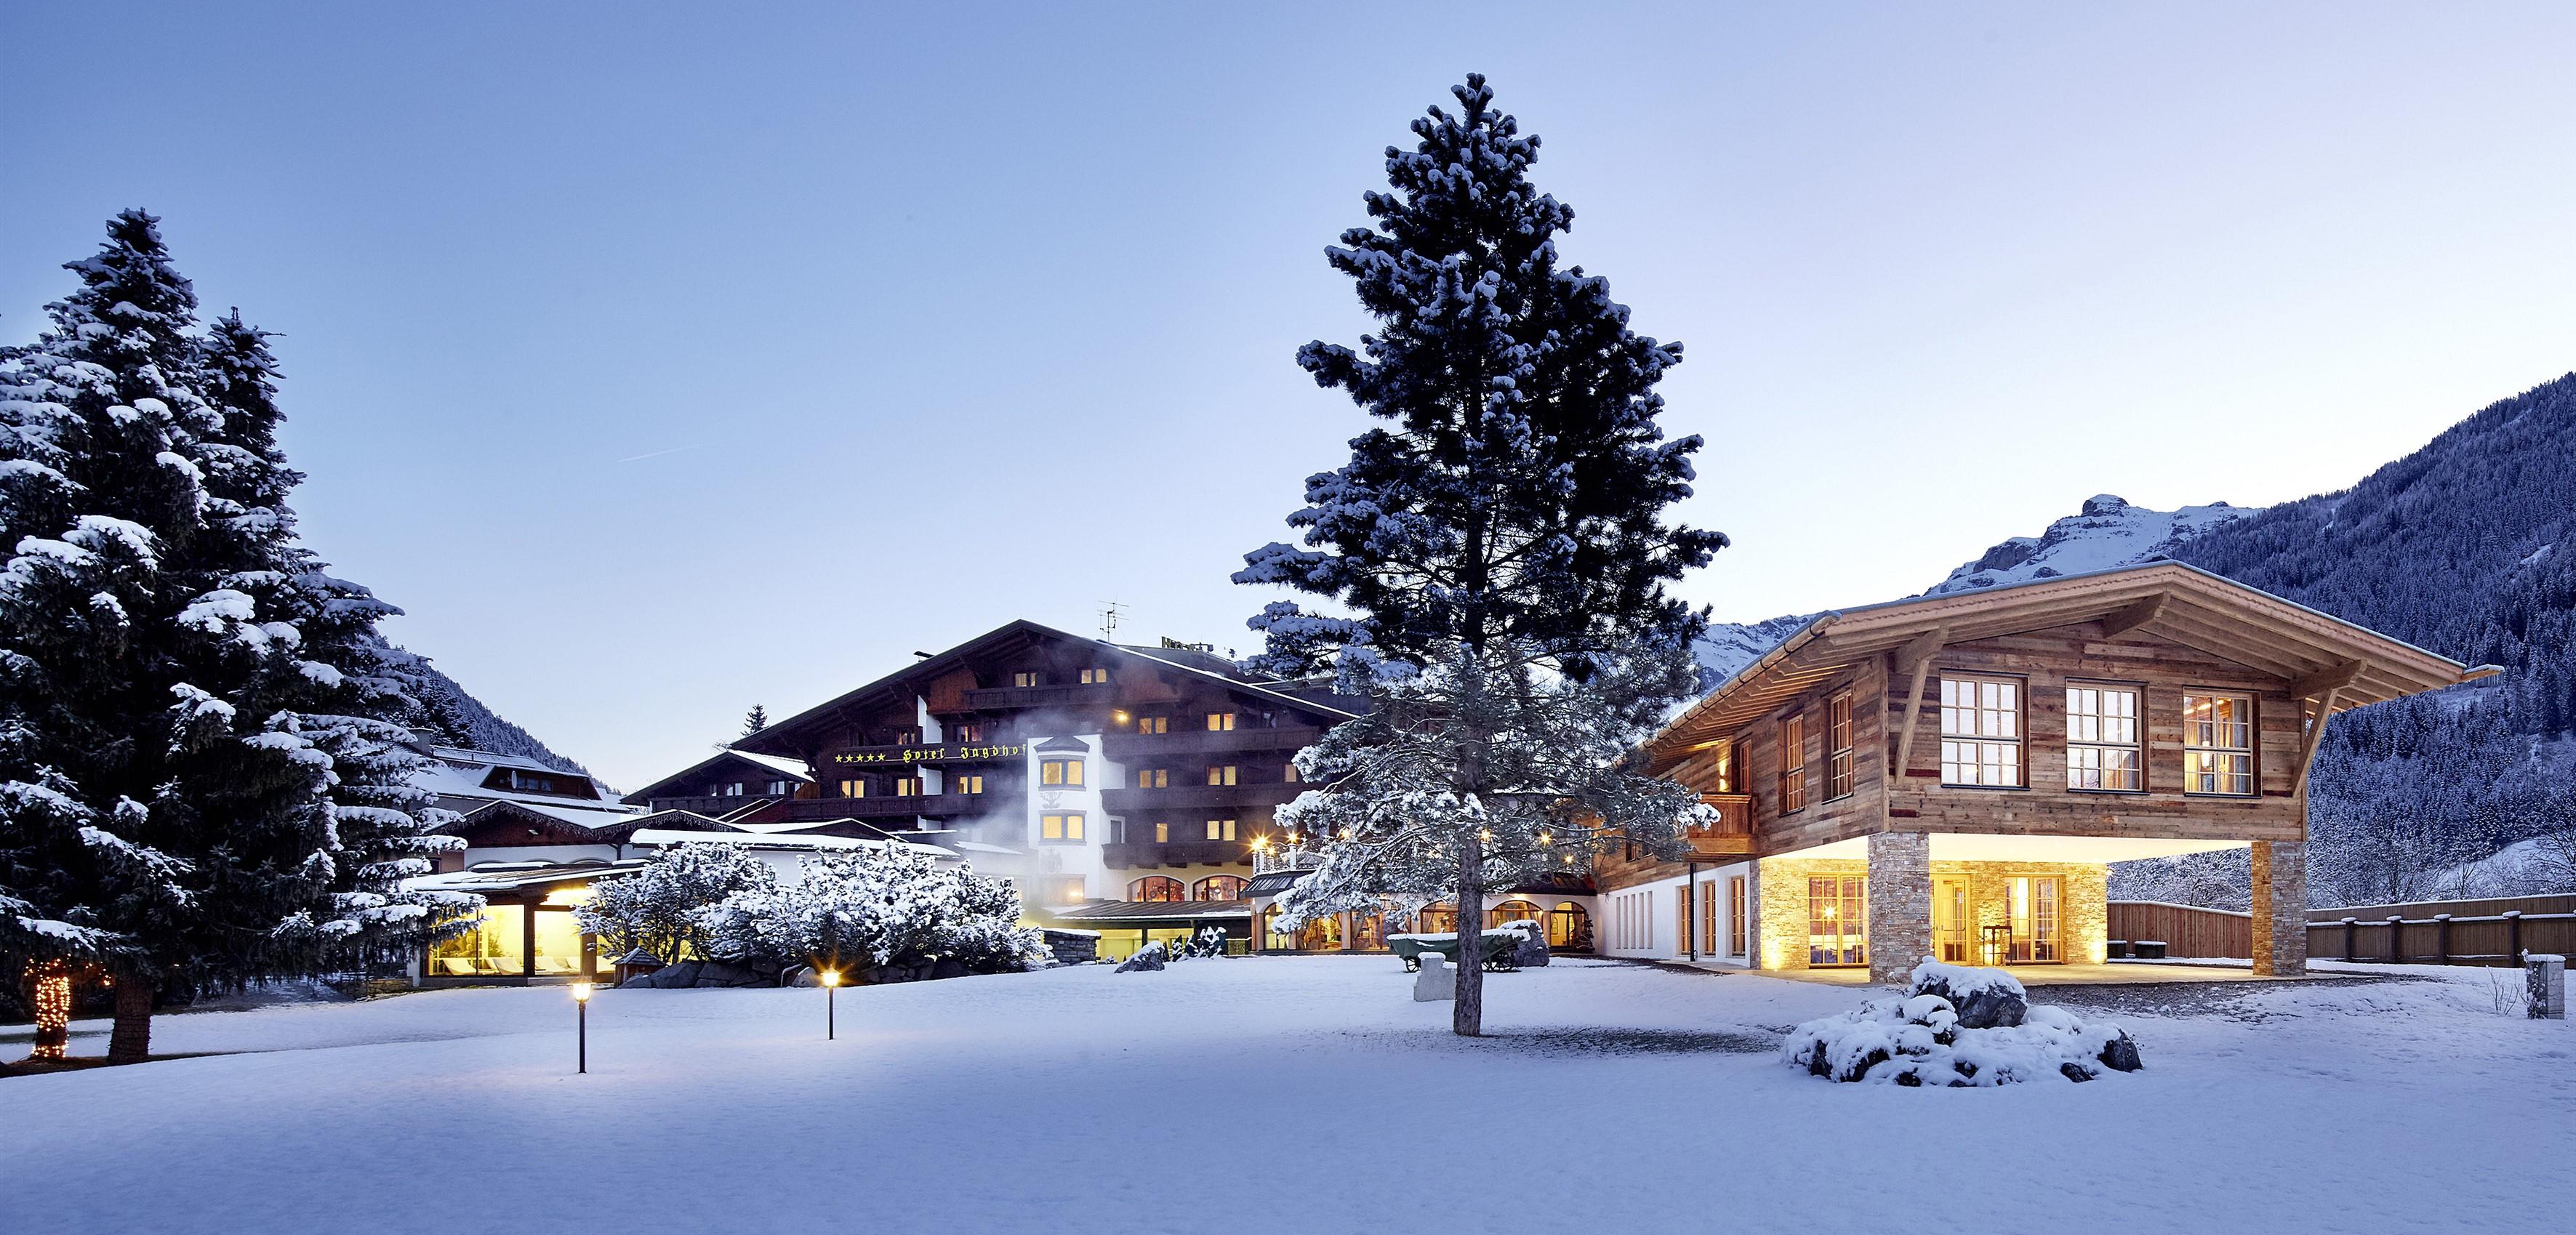 Die Fotos dürfen ausschließlich für PR- und Marketingmaßnahmen des Hotels Jagdhof, Neustift im Stubaital, Österreich, verwendet werden. Jegliche Nutzung Dritter (durch Verkauf oder Weitergabe) ist mit dem Bildautor, Michael Huber | www.huber-fotogra